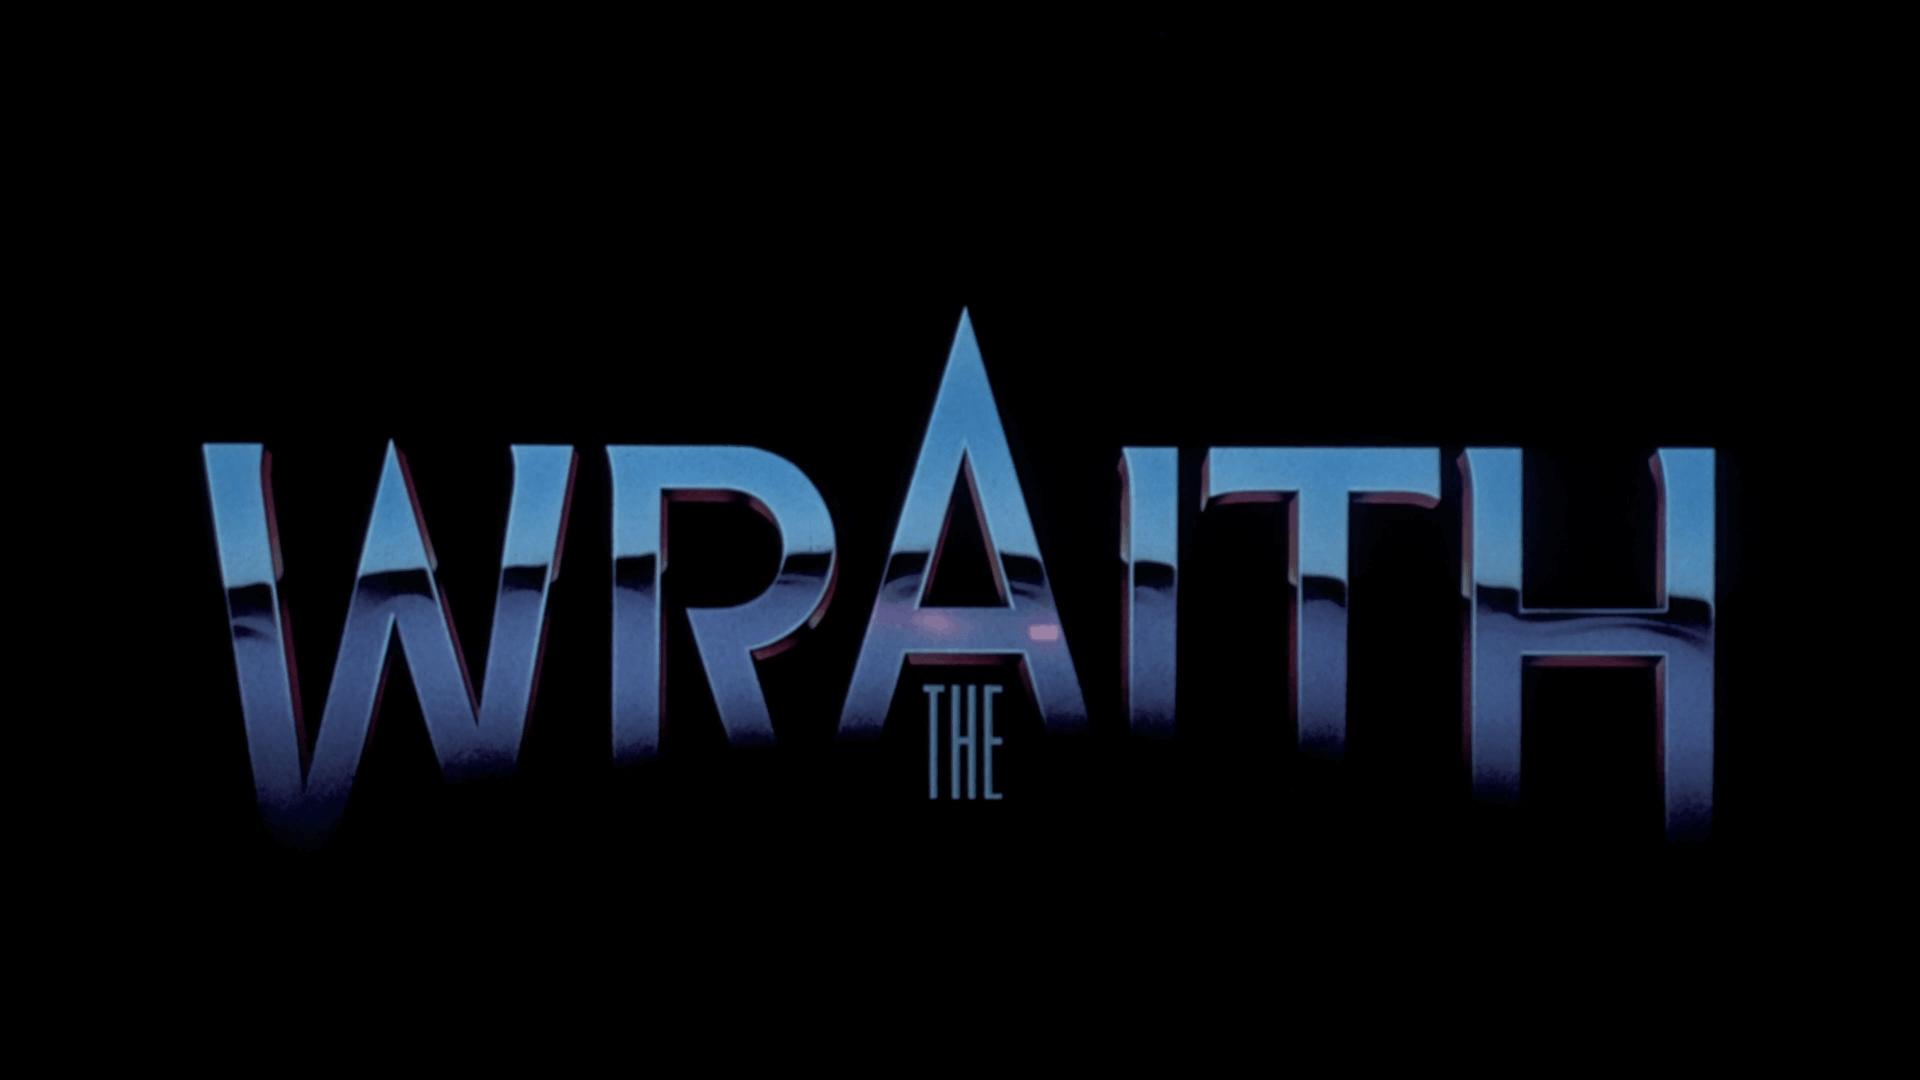 the wraith title